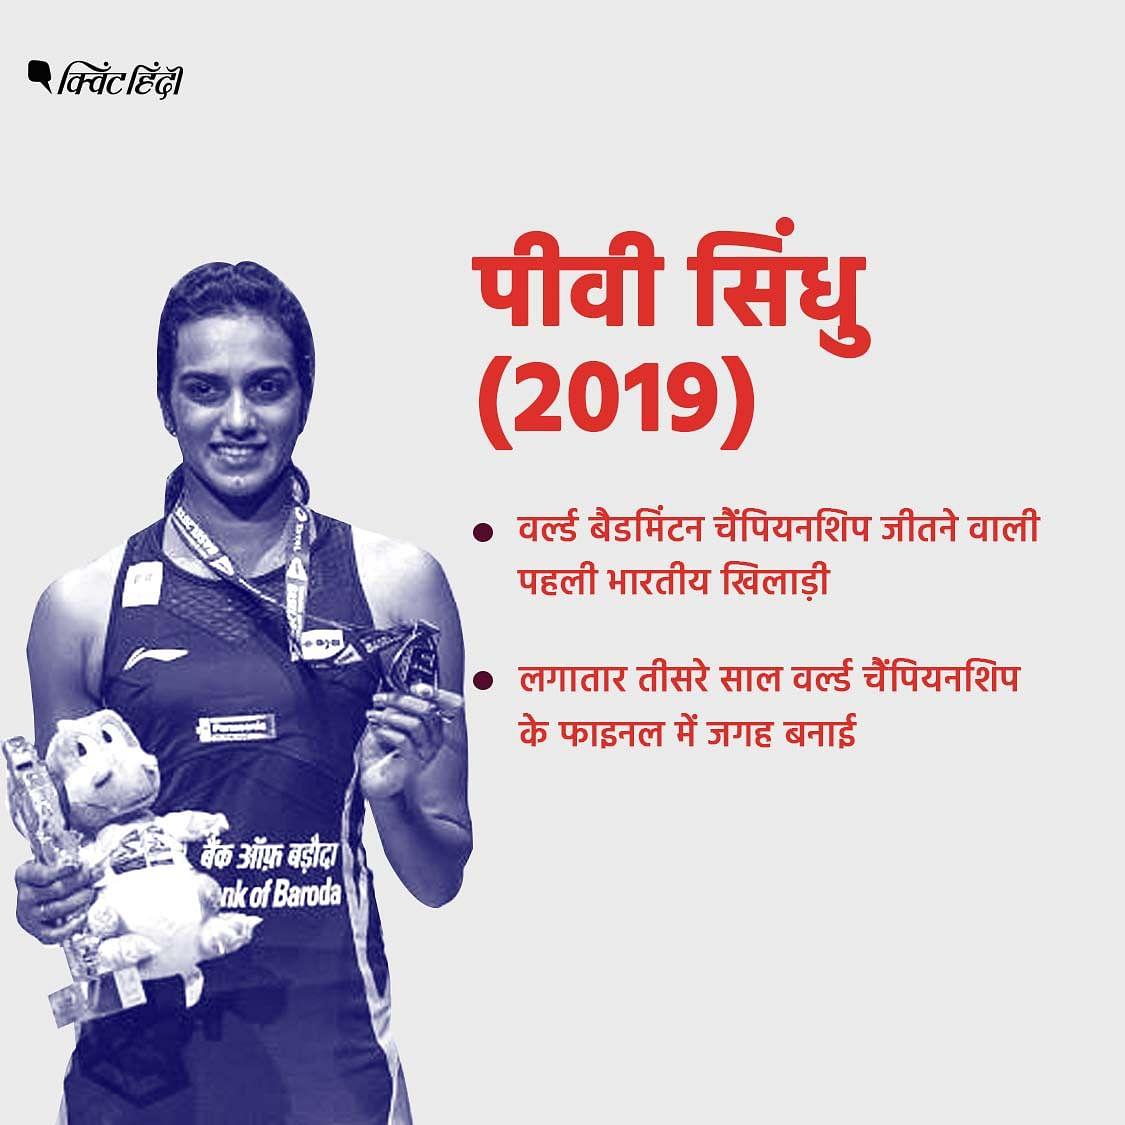 रोहित के रिकॉर्ड से पंघल के पंच तक, 2019 में छा गए ये खिलाड़ी